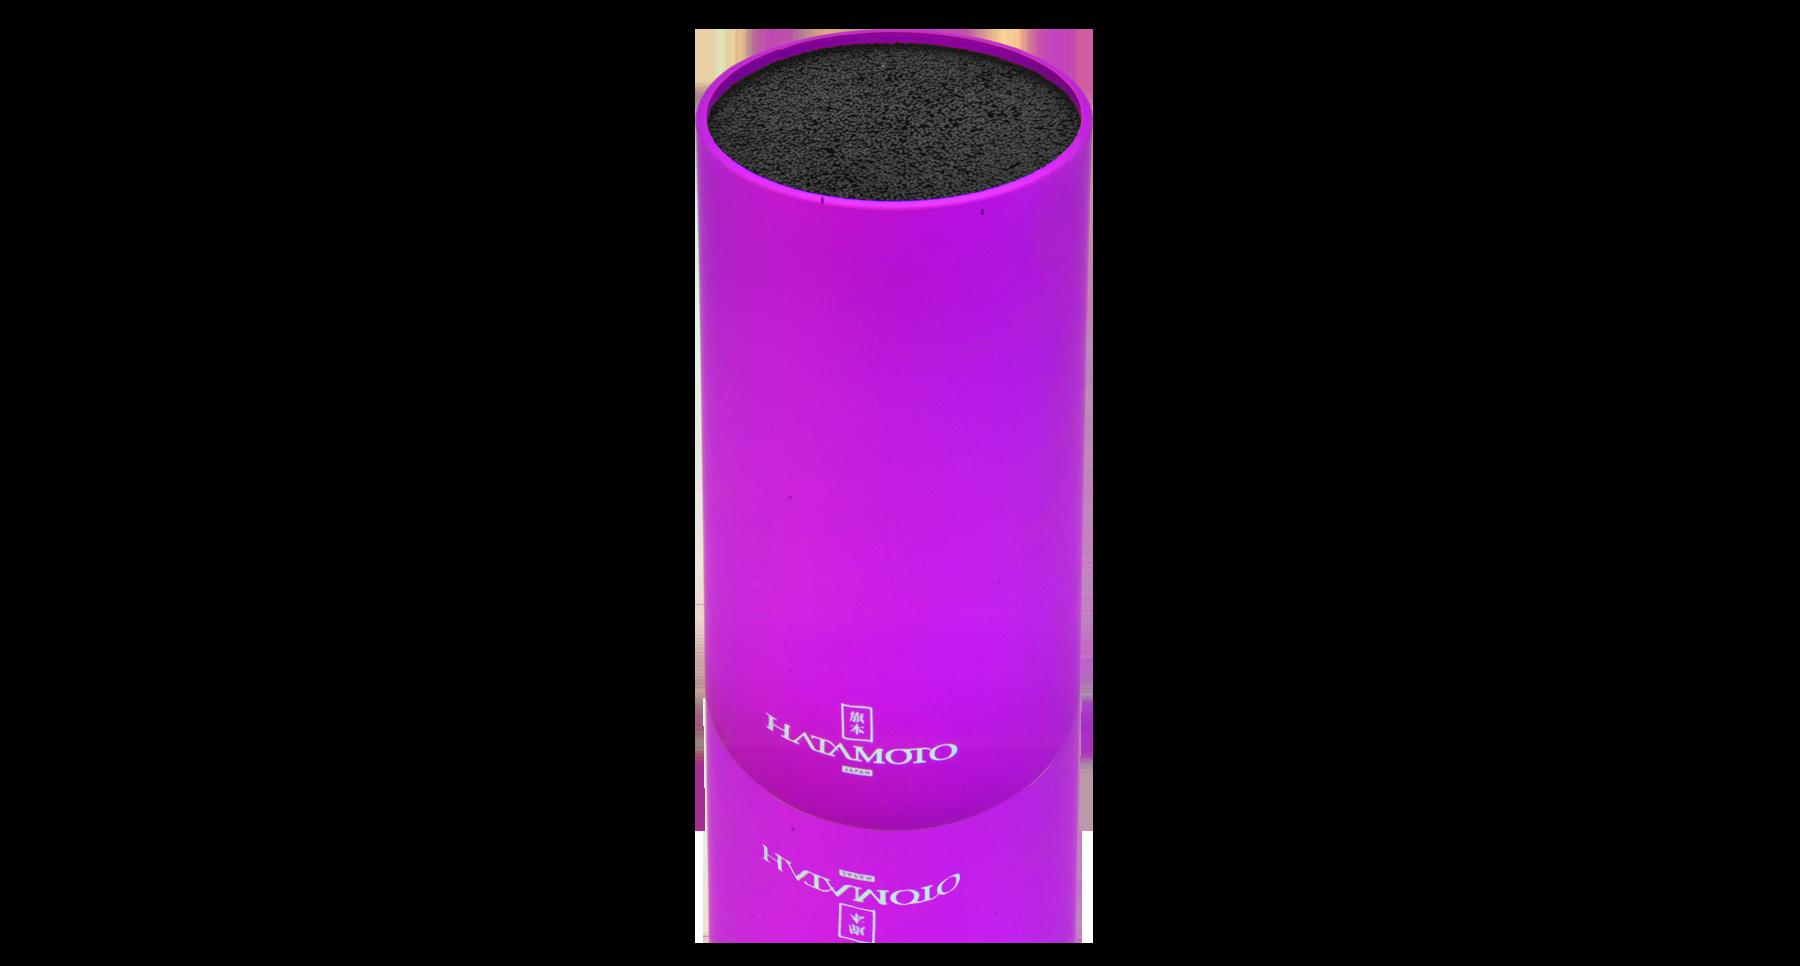 Подставка для ножей круглая HATAMOTO COLOR, фиолетовая, пластик, 110*225ммTojiro<br>Подставка для ножей круглая HATAMOTO COLOR, голубая, пластик, 110*225мм<br>